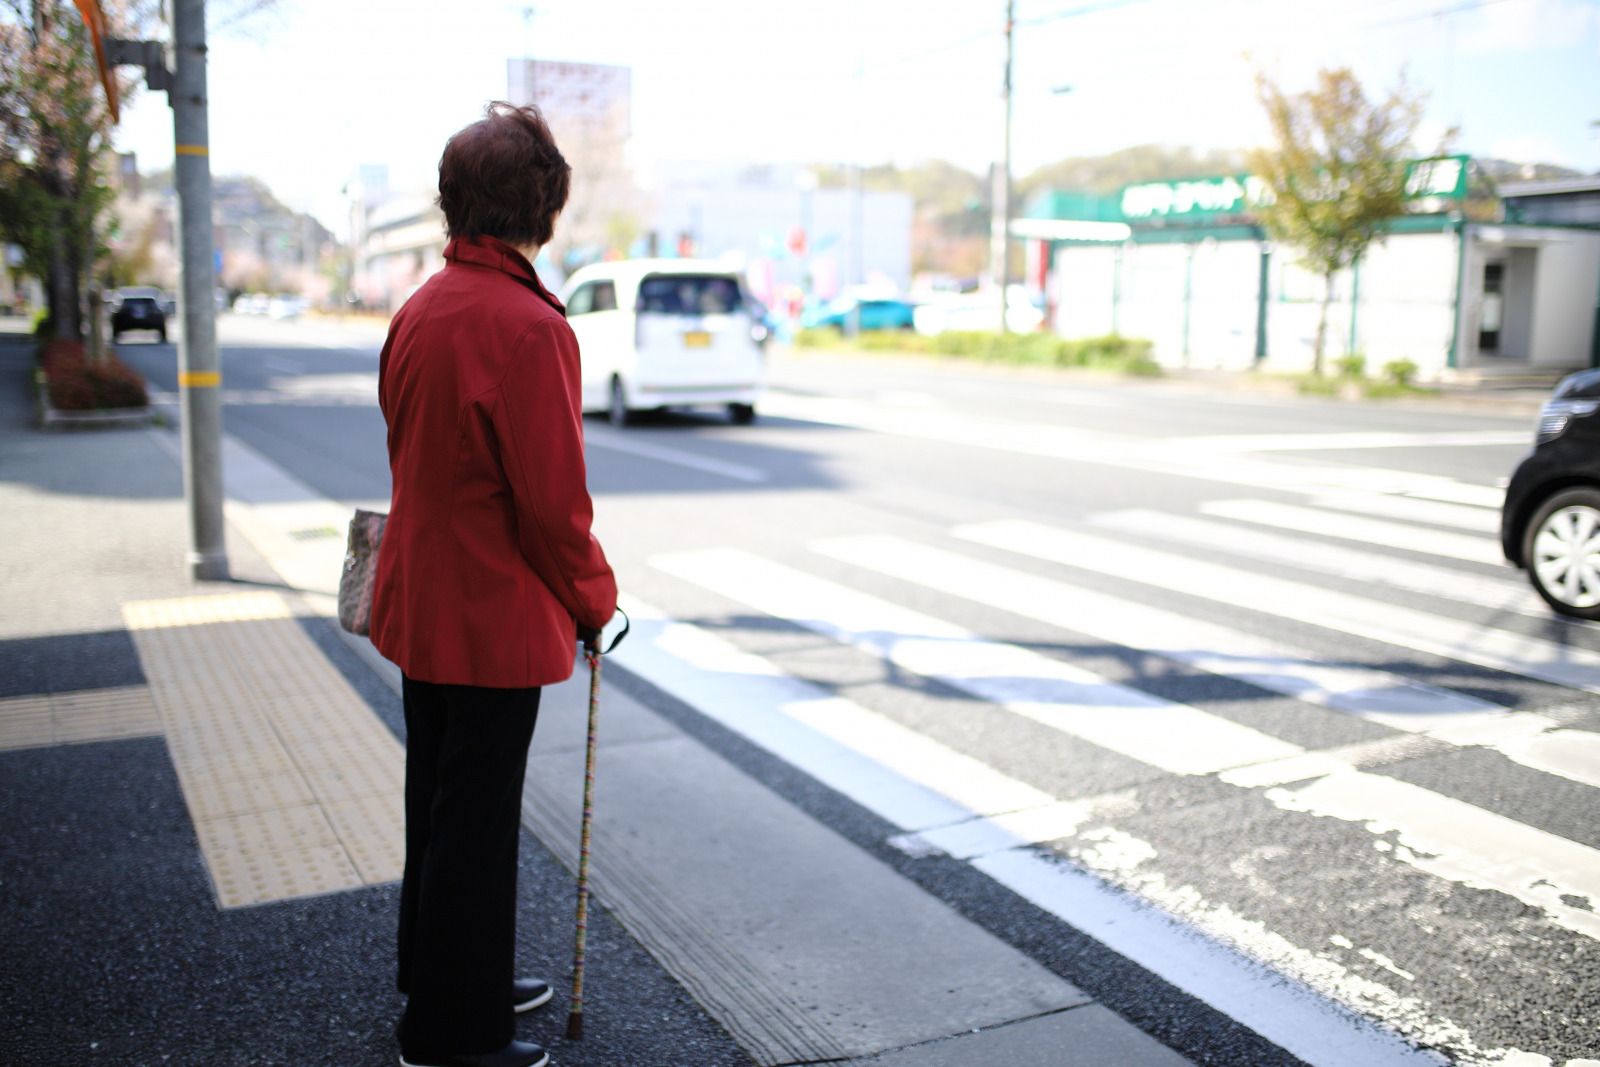 「覚えていますか「横断歩道は歩行者優先」。無視して通過すると大事故や罰則も! 」の1枚目の画像